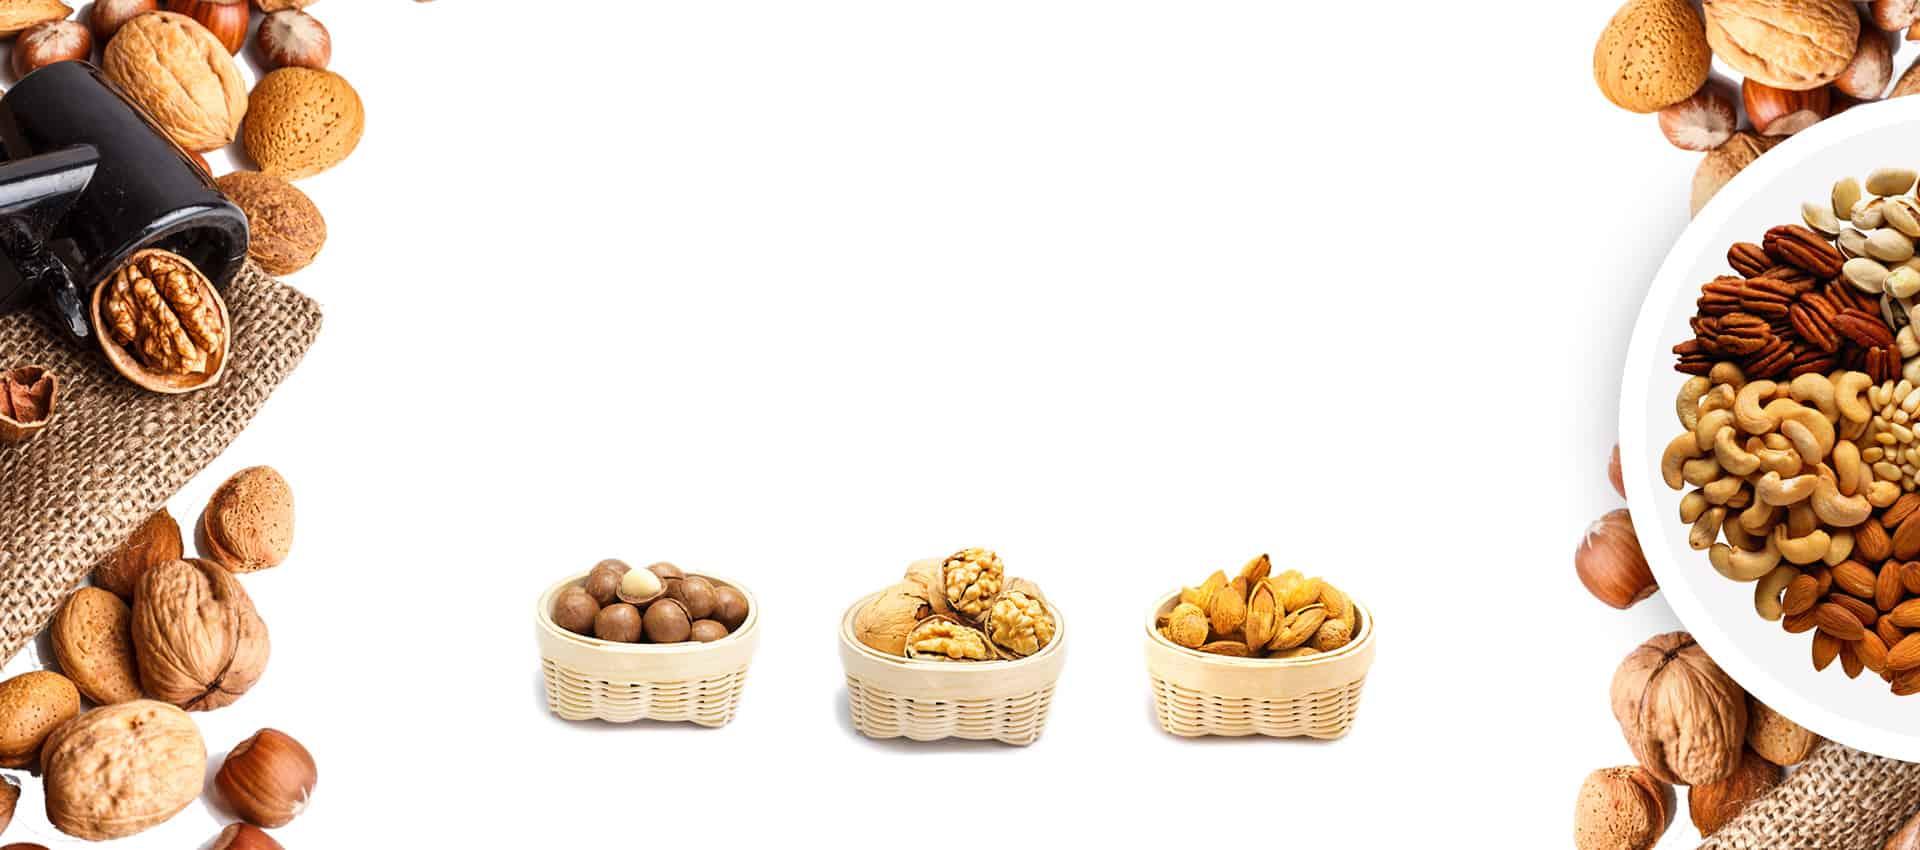 Almonds-Walnuts